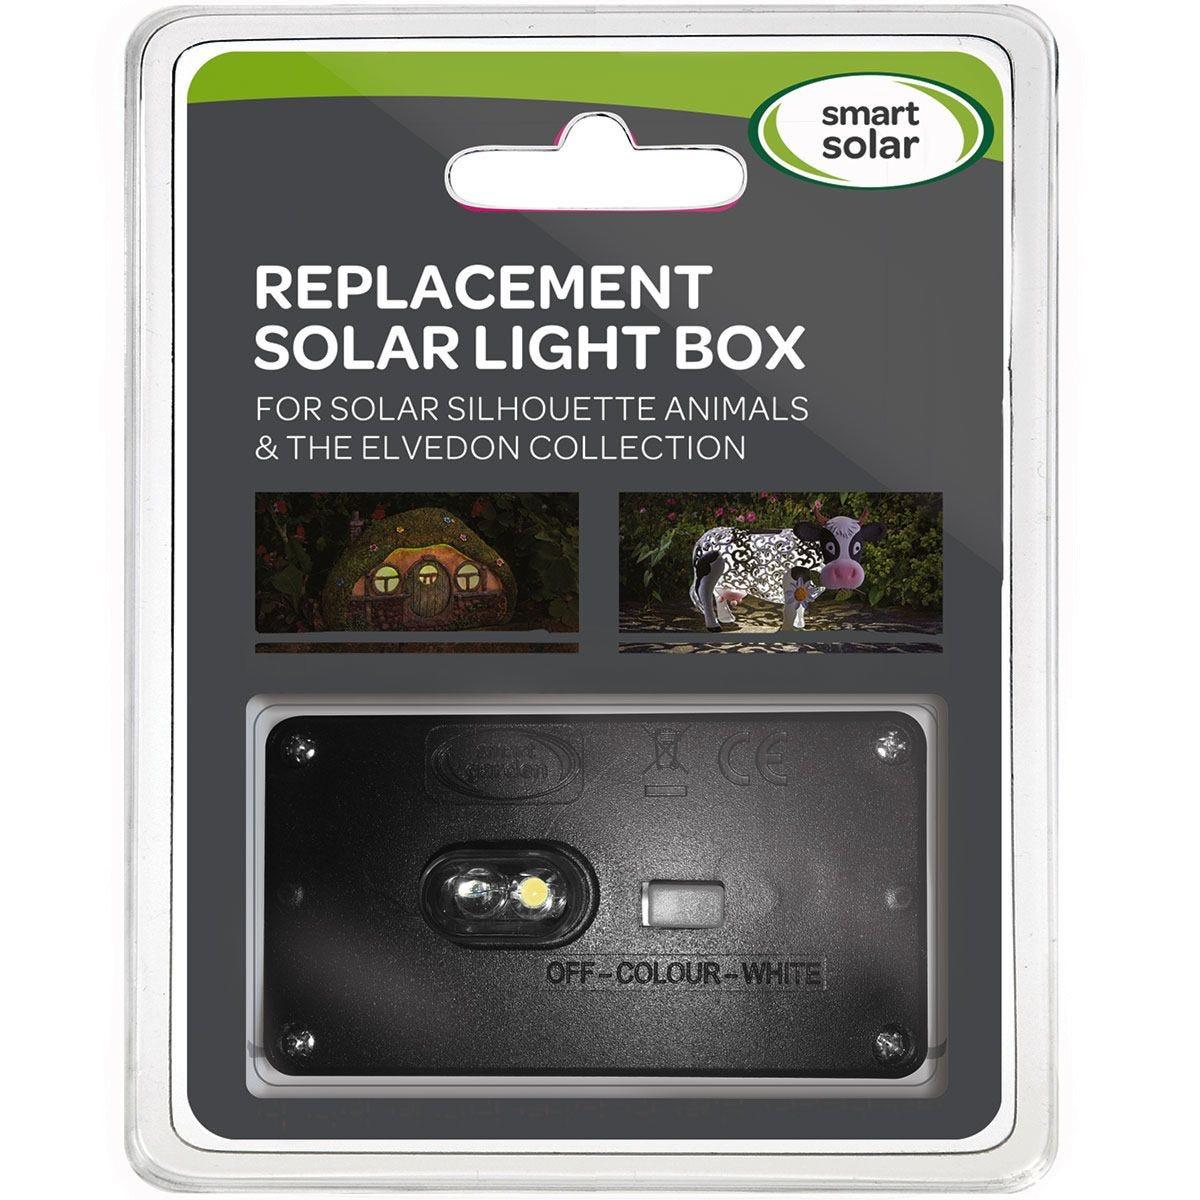 Smart Garden Replacement Solar Light Box